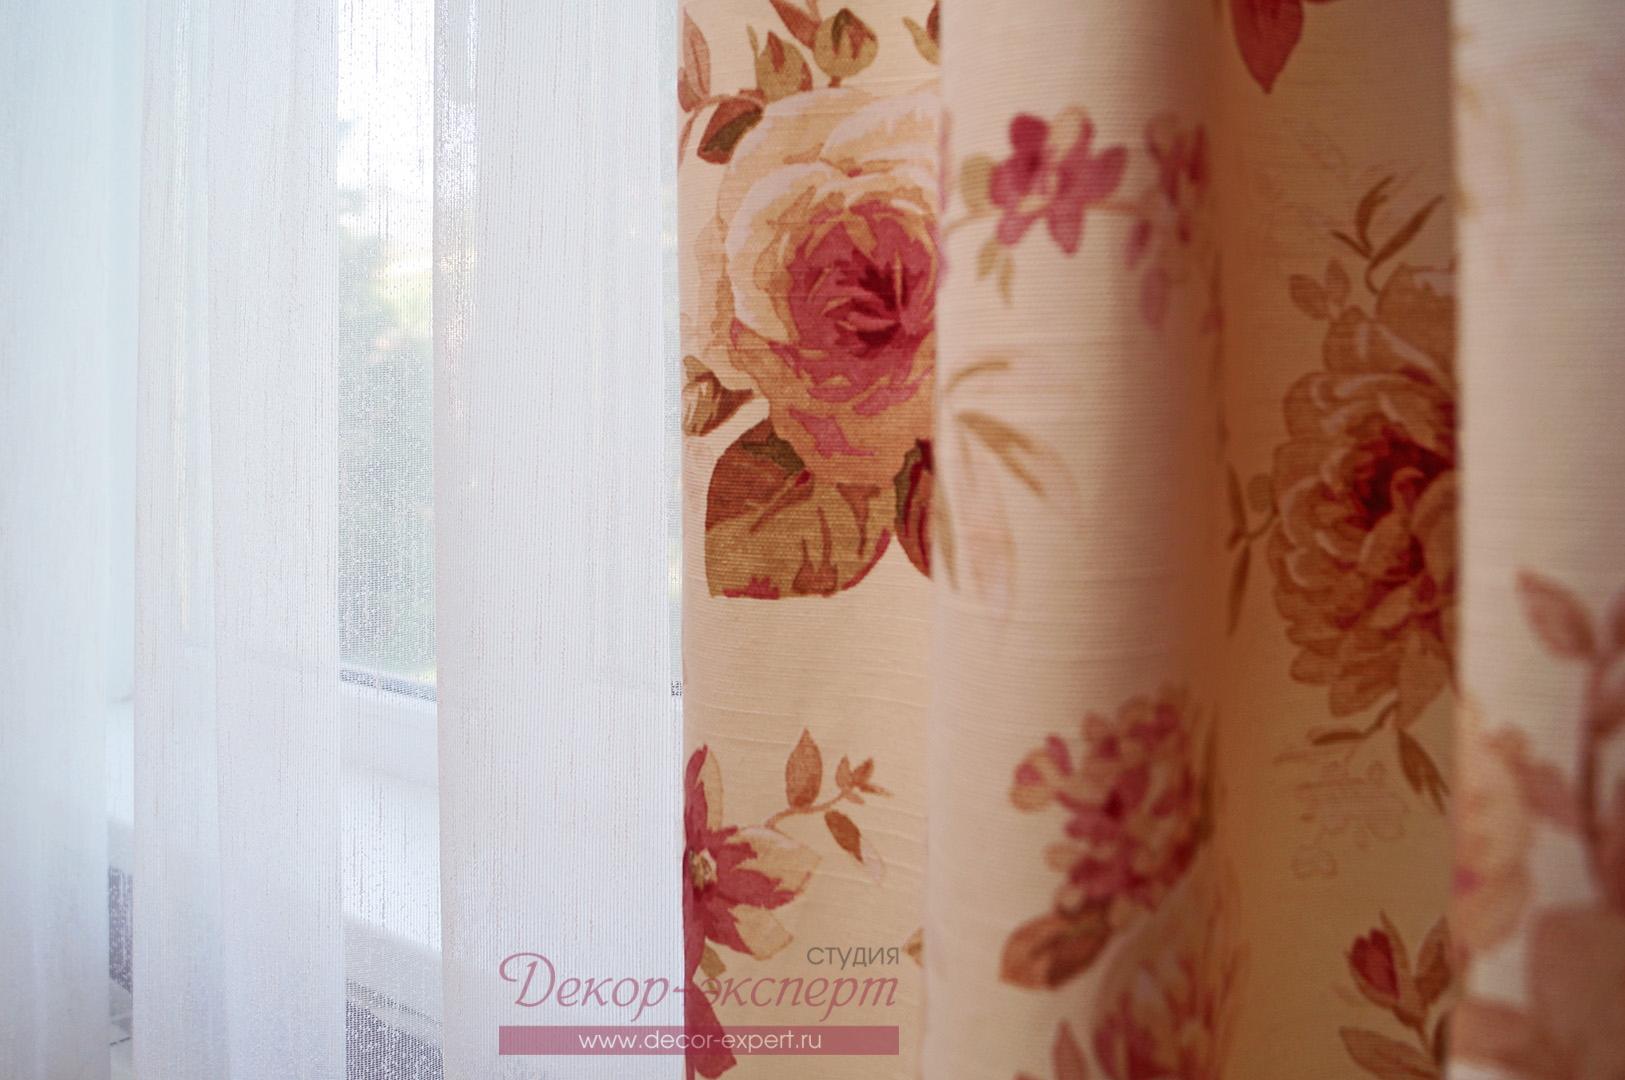 Портьерная ткань с цветочным принтом и тюль сетка.